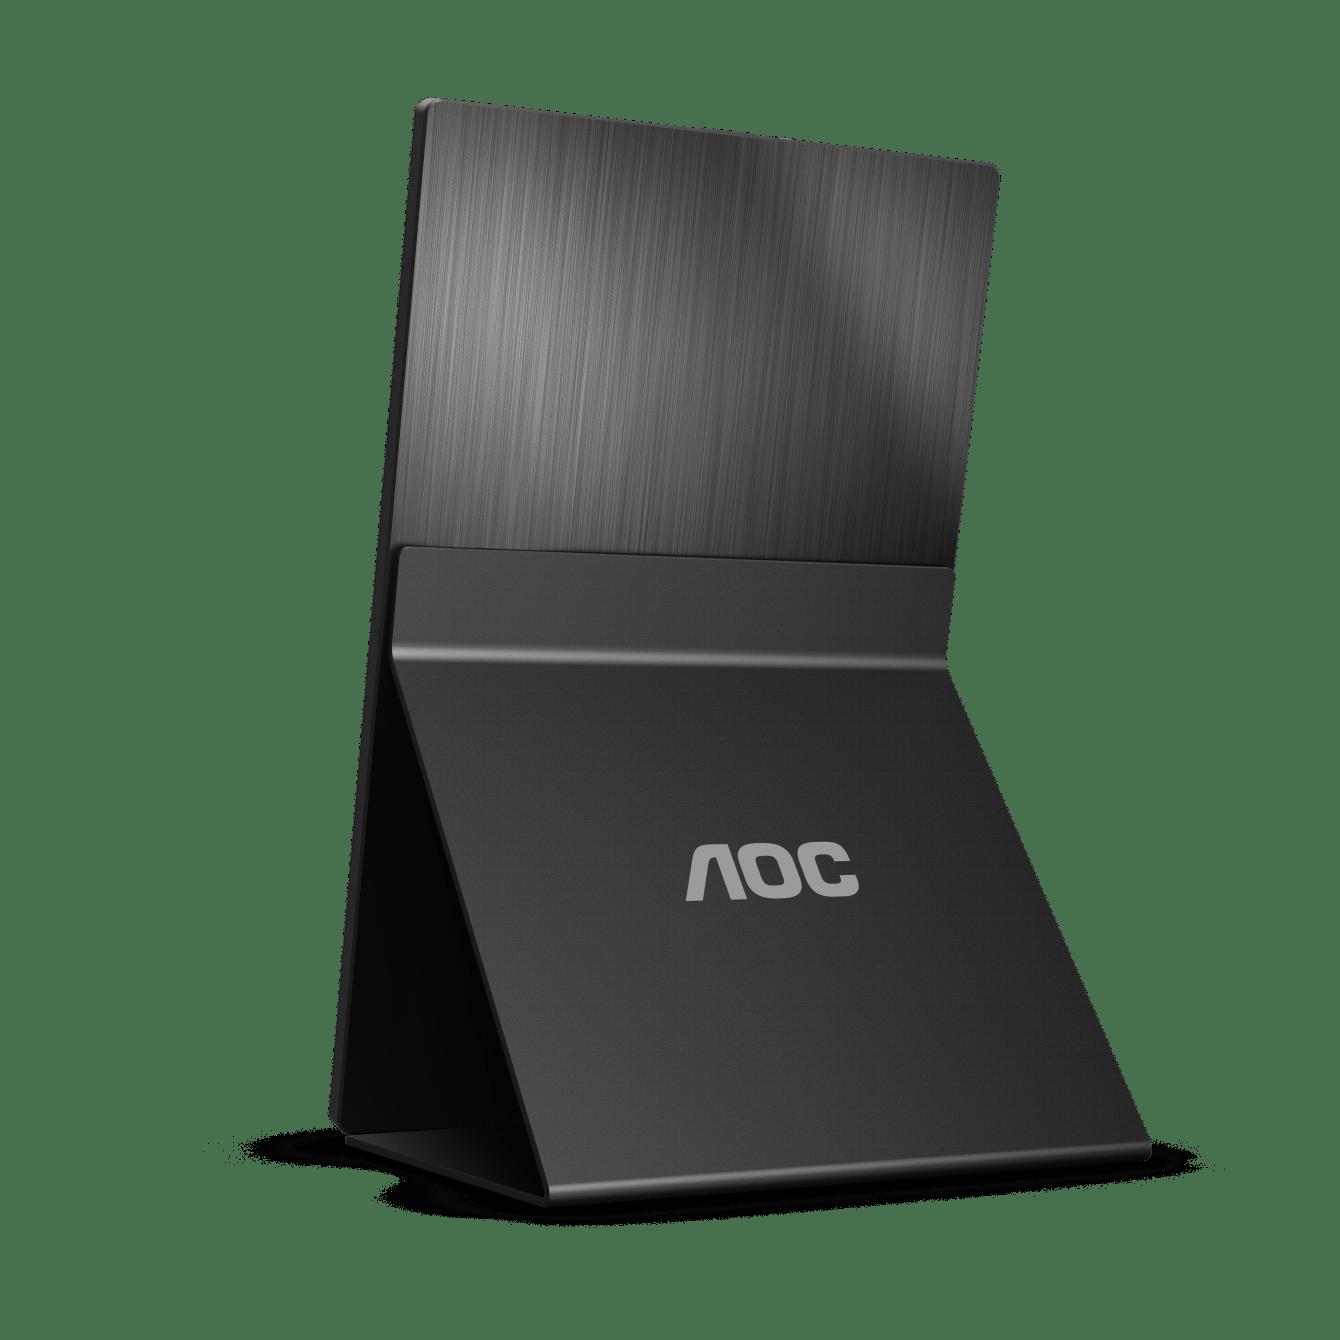 AOC 16T2: un display portatile con riconoscimento a 10 punti